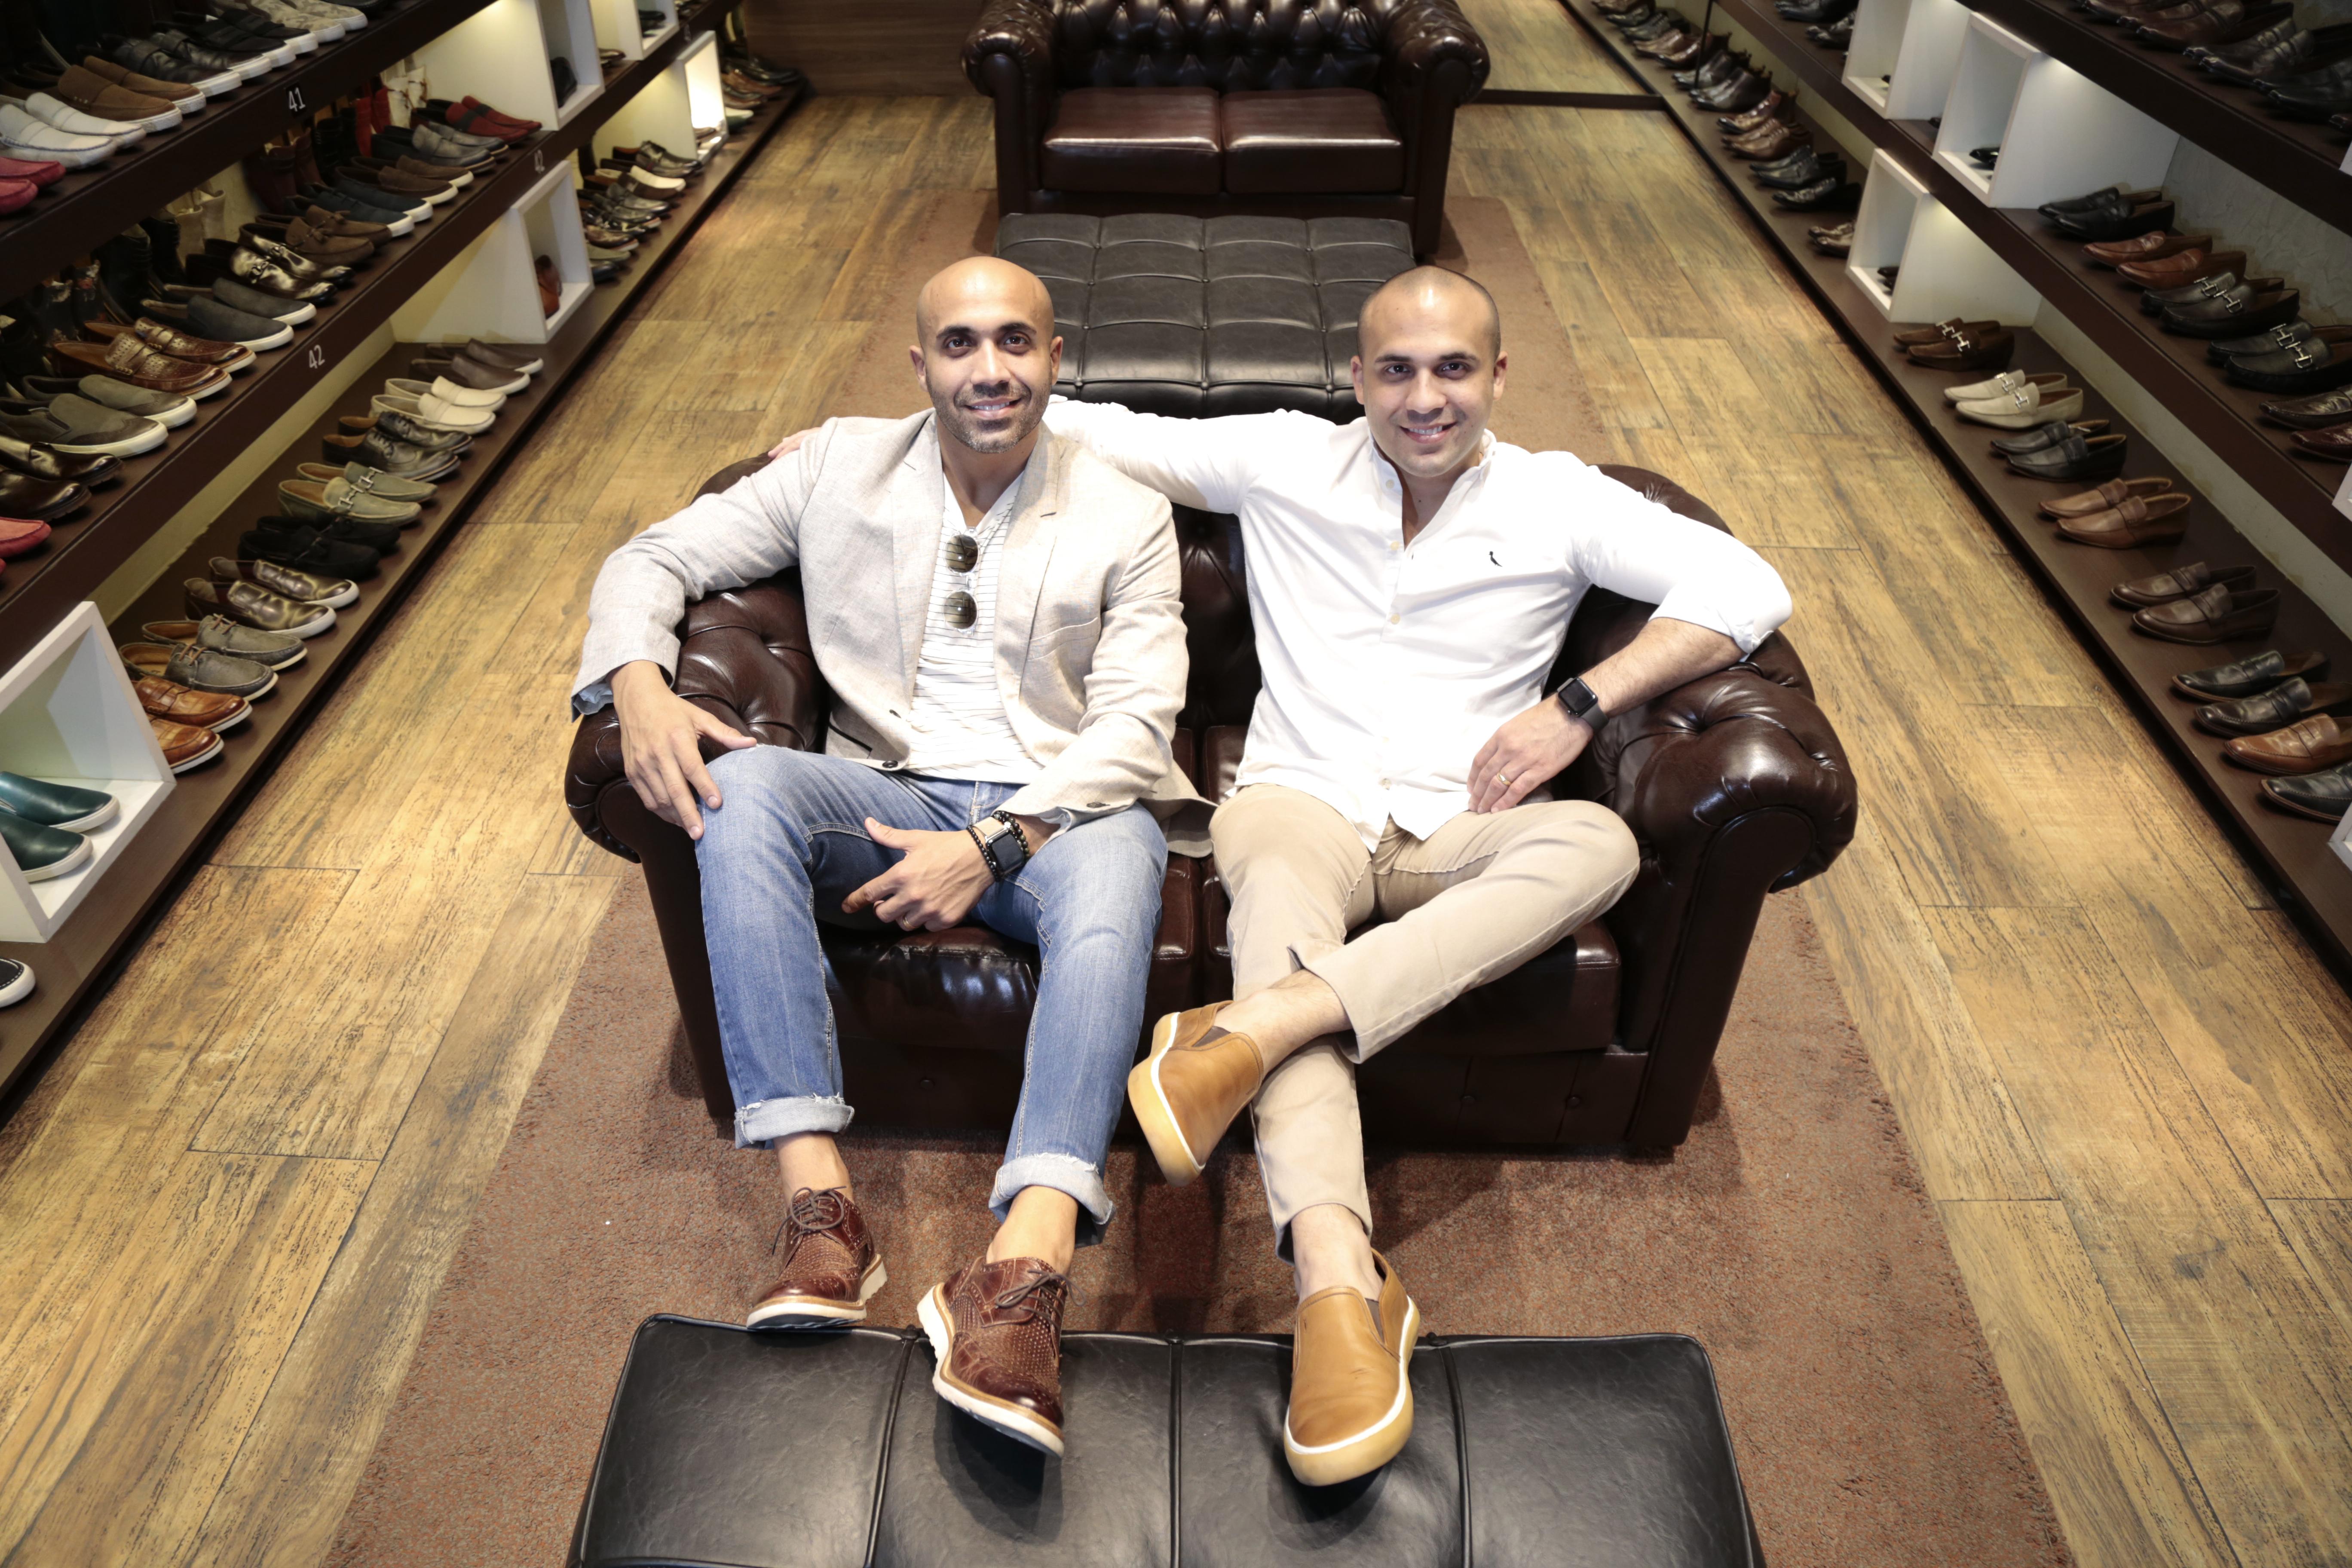 d972acf81 FORTALEZA,CE,BRASIL,03.10.2018: Hugo Quinderé e Guilherme Quinderé,  proprietários da loja de sapatos JEF, no Shopping Iguatemi, para o caderno  Pause.